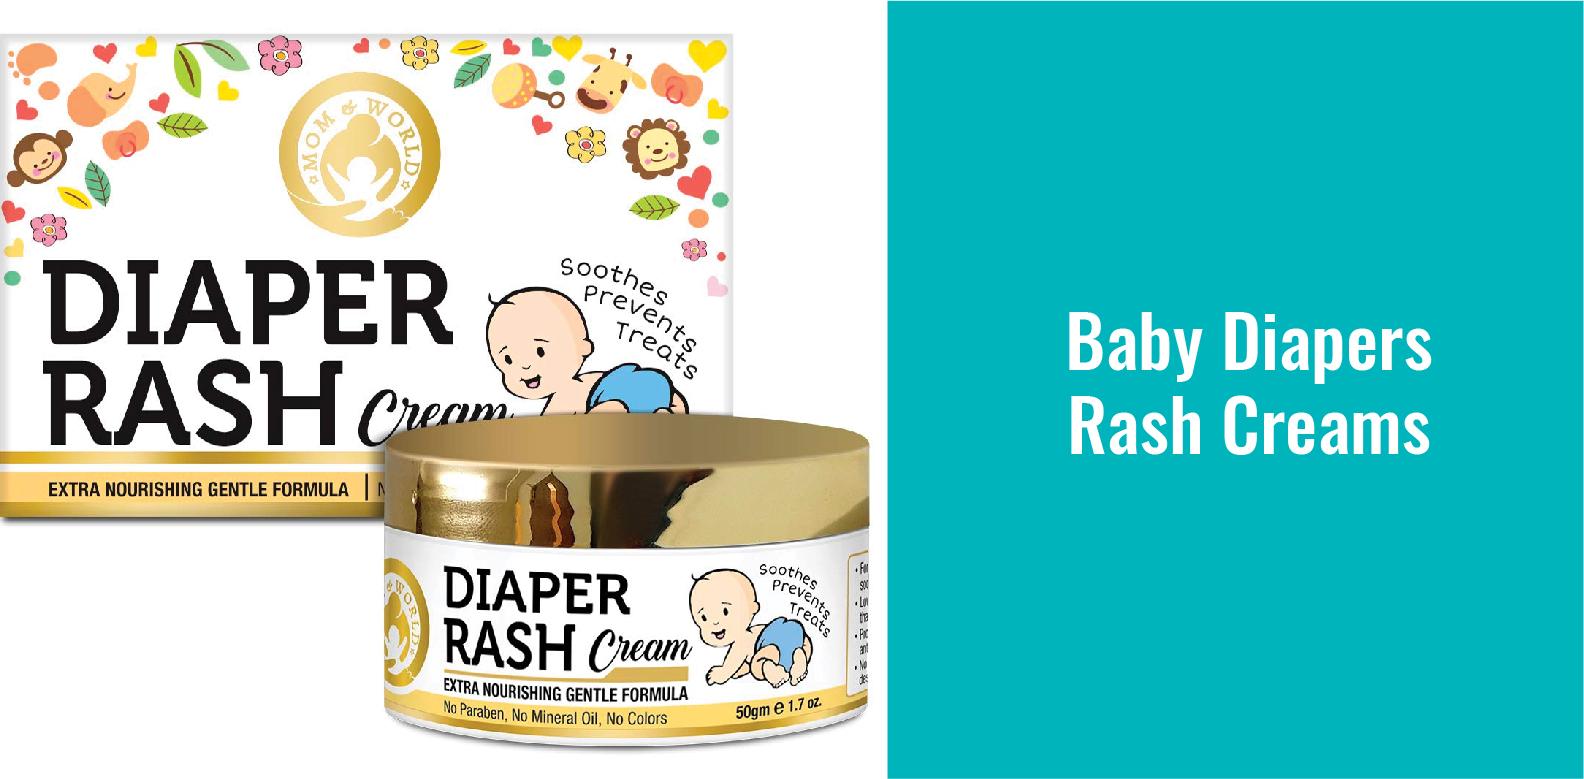 Baby Diaper Rash Creams